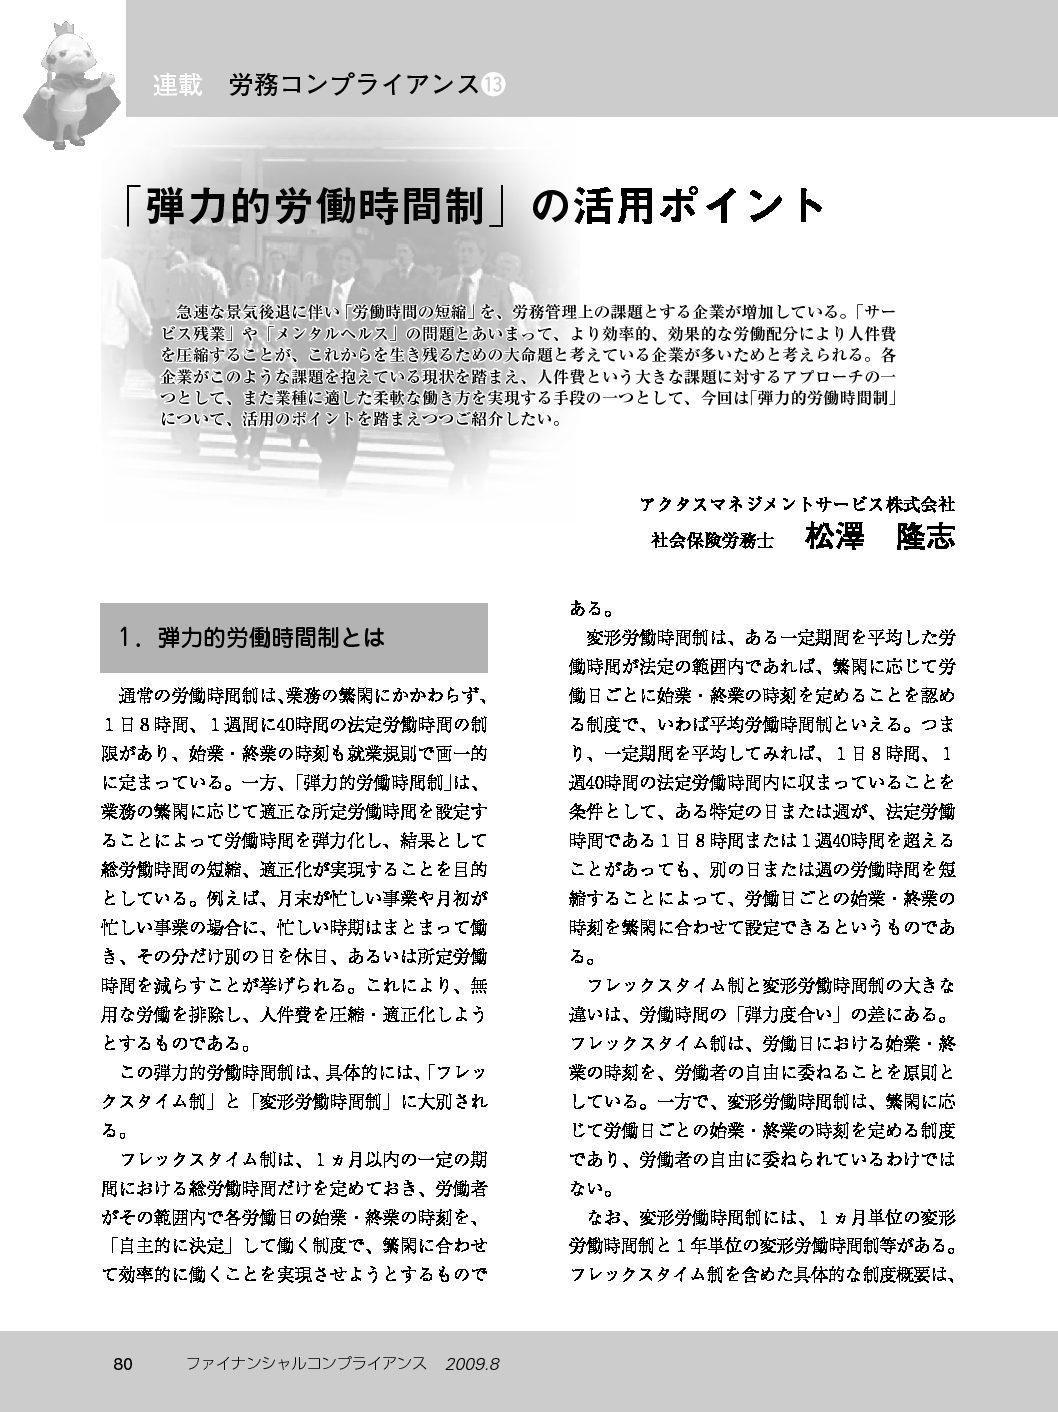 労務コンプライアンス(第13回) 「弾力的労働時間制」の活用ポイント